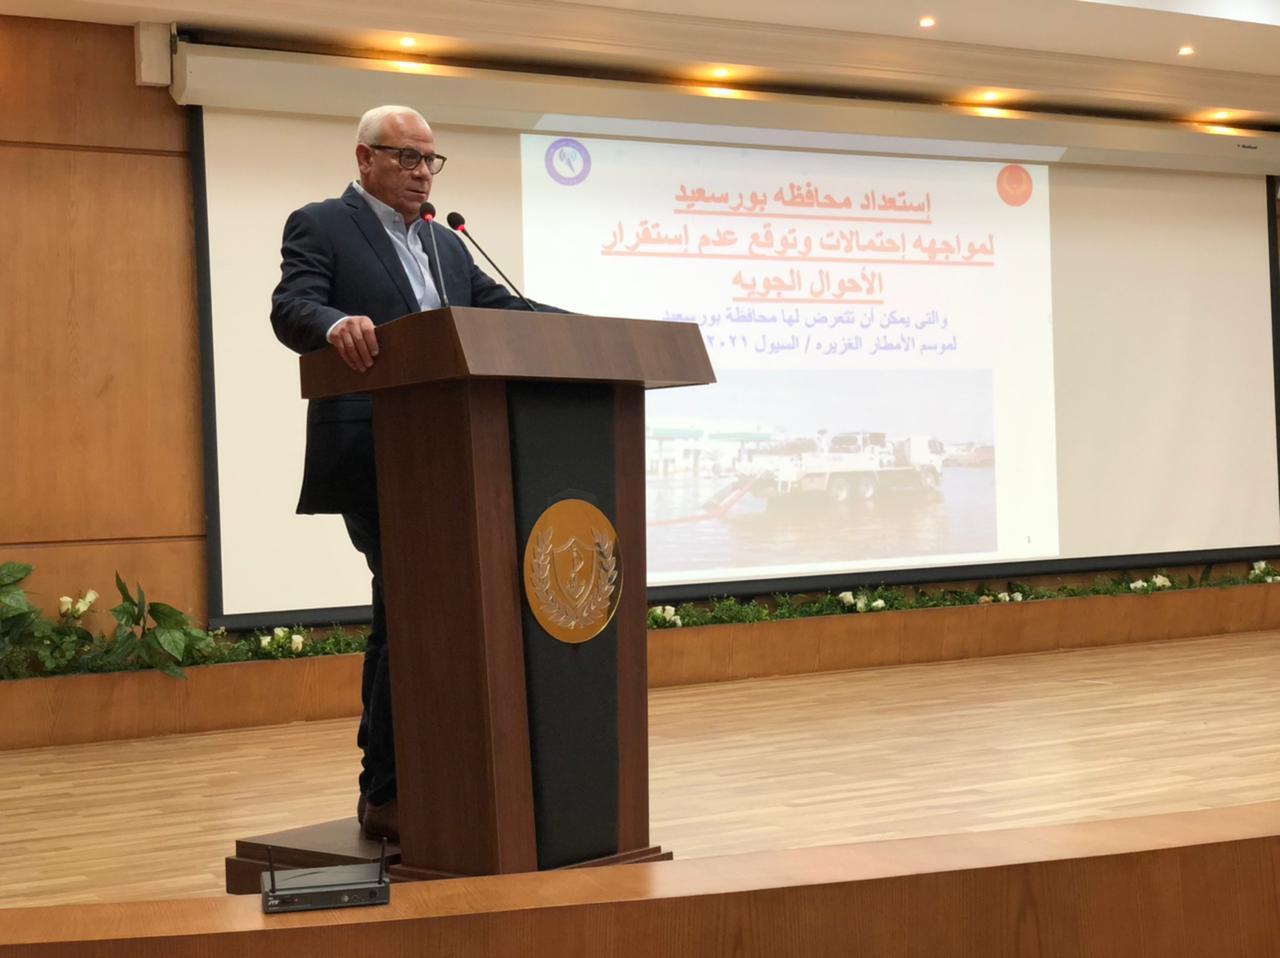 عادل الغضبان شرق بورسعيد من أعظم مناطق العالم ونستهدف جذب المستثمرين إليها